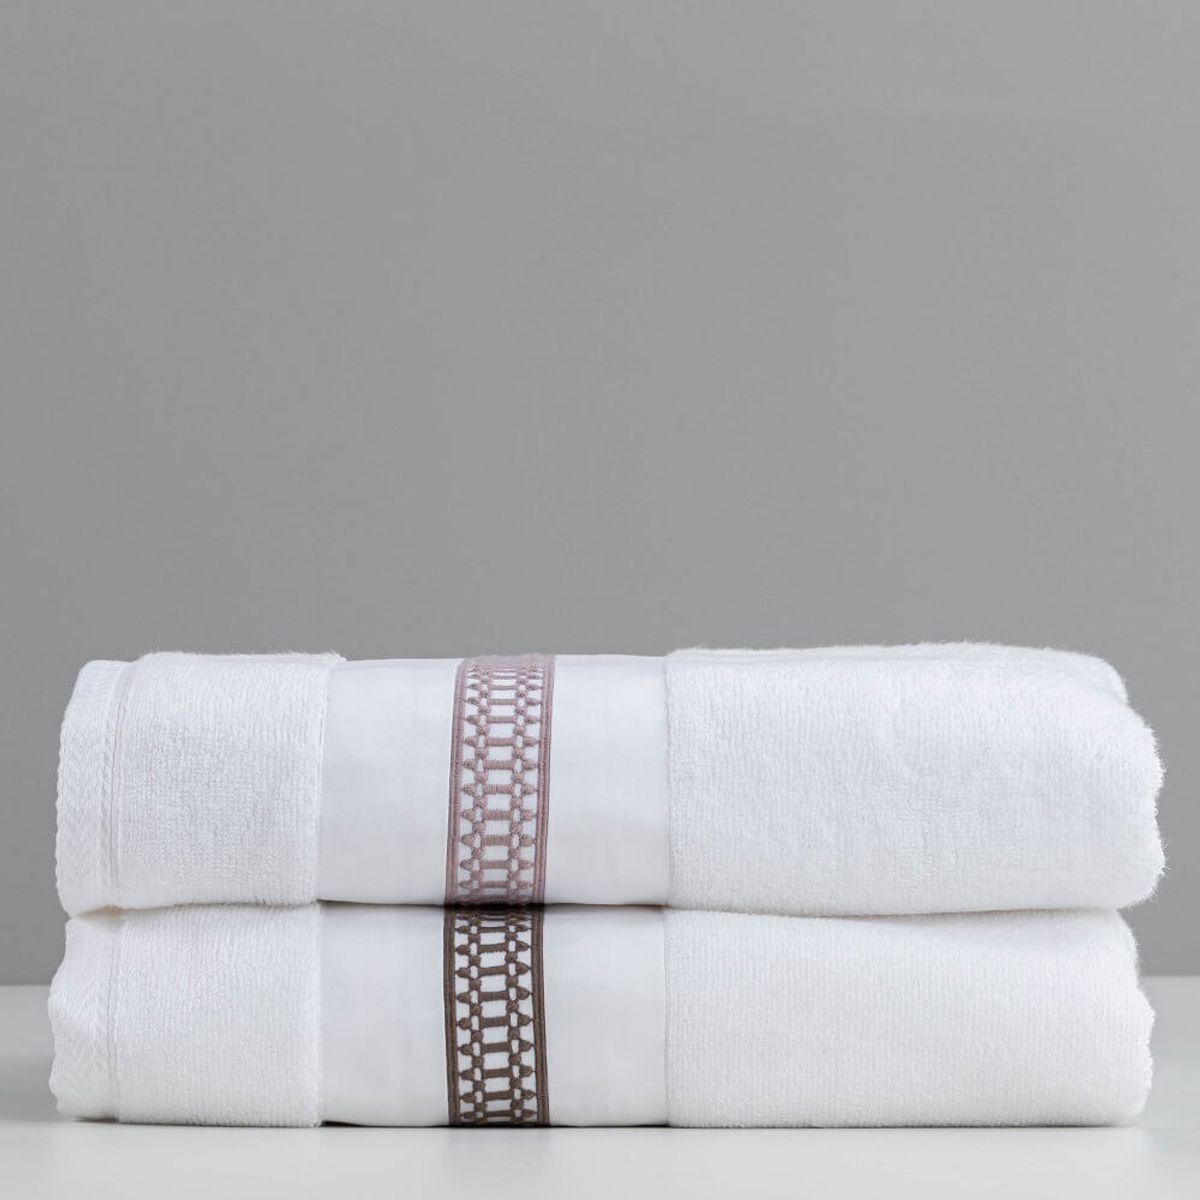 toalha-de-banho-cluny-artelasse-1